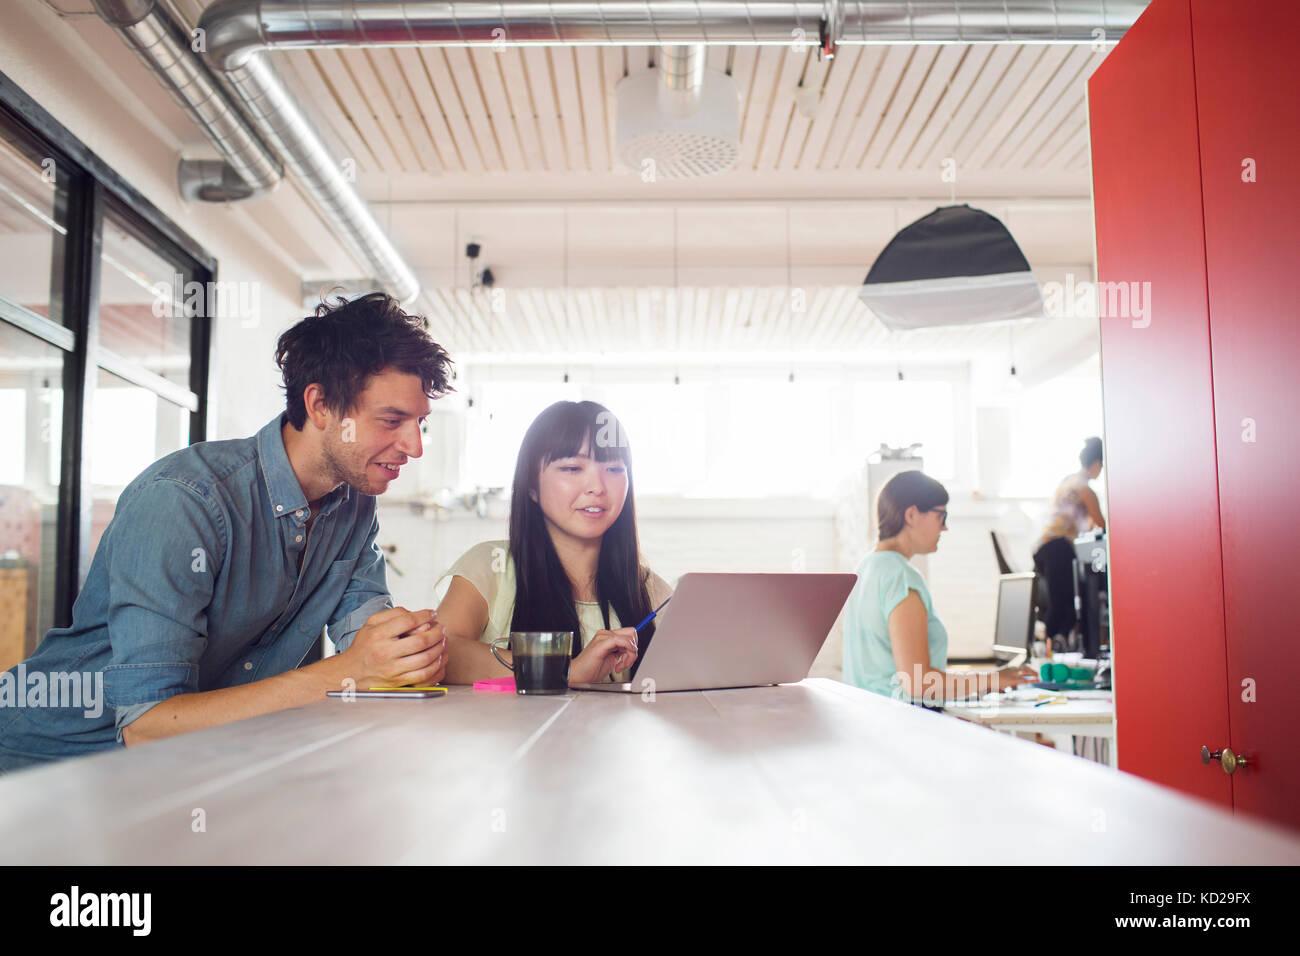 Mann und zwei Frauen auf die Arbeit im Büro, Frau, die durch die Fenster im Hintergrund Stockfoto